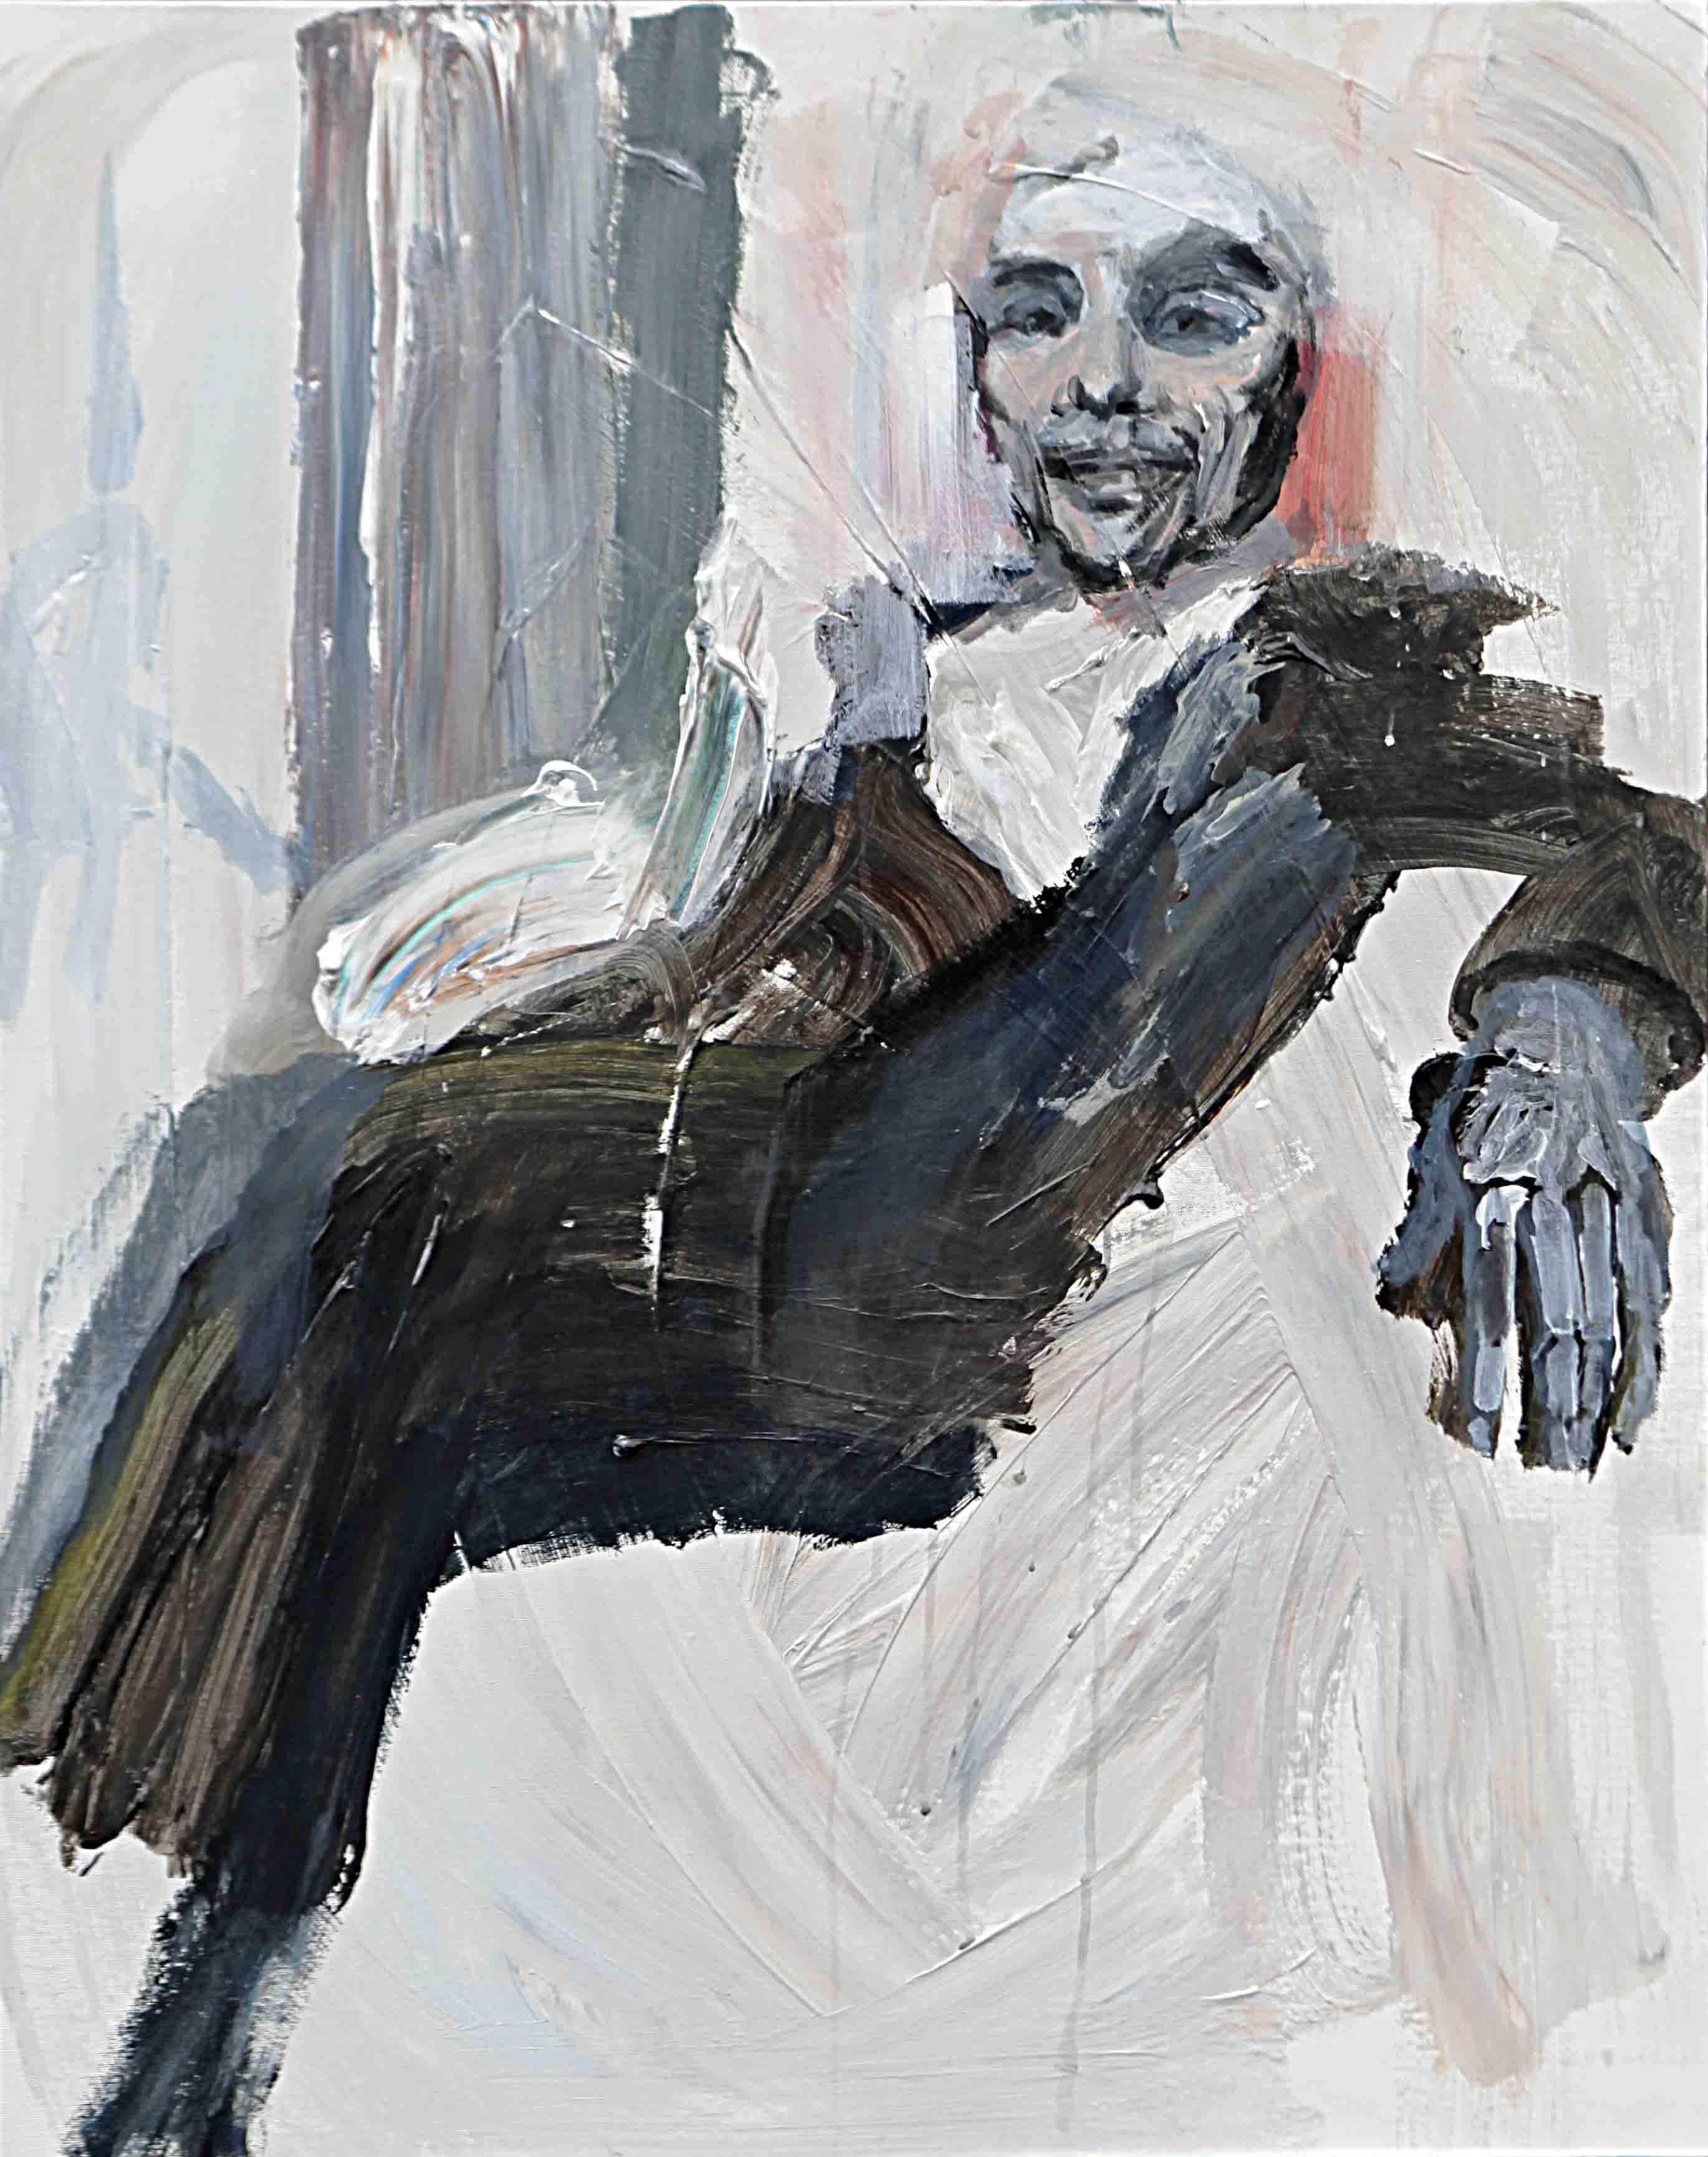 사이공간16, 90.9 x 72.7 cm. pen, acrylic on canvas, 2015